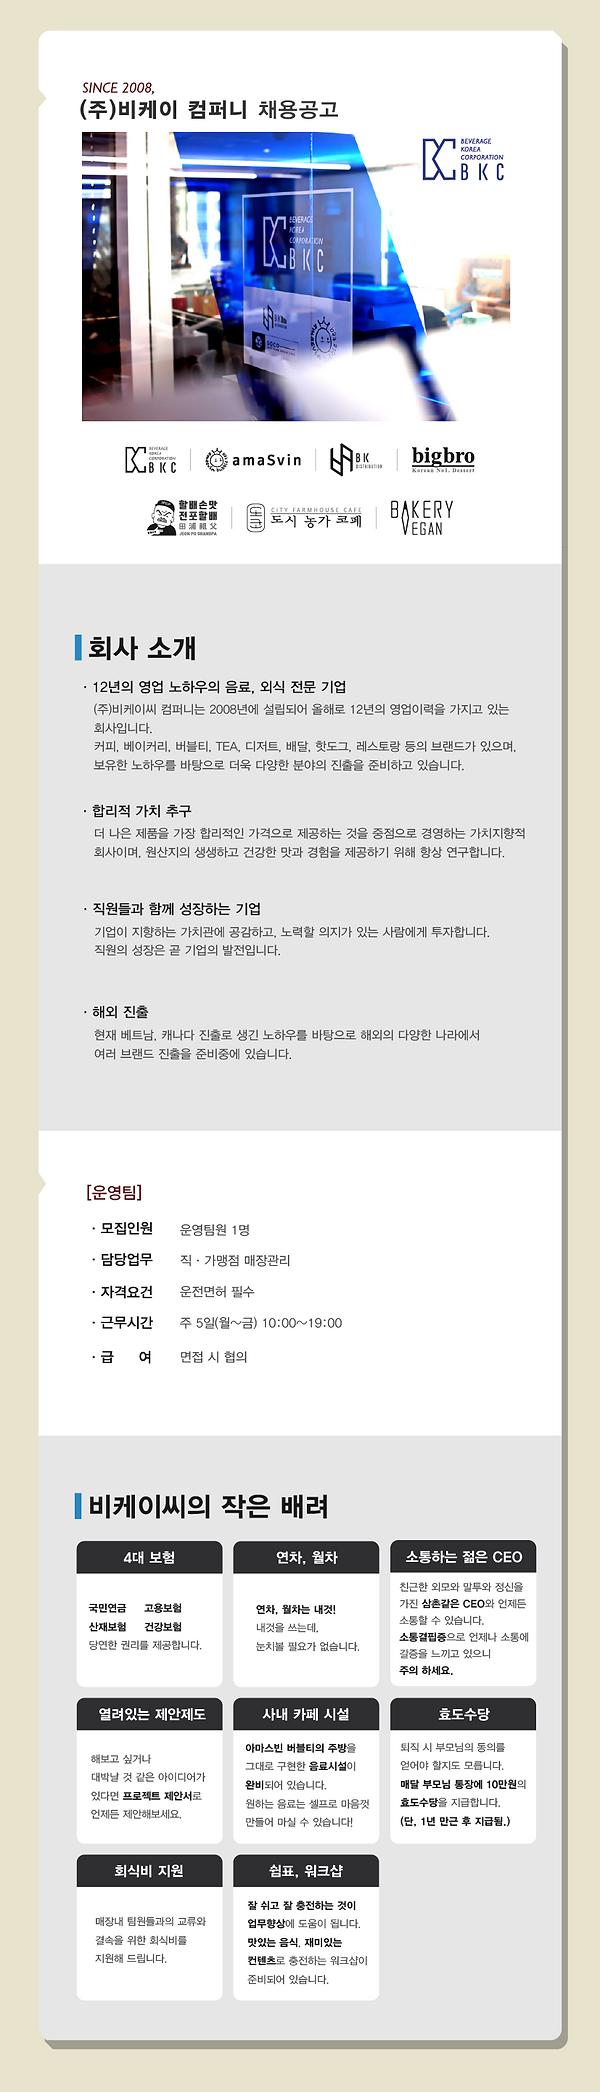 채용공고_운영팀22.png